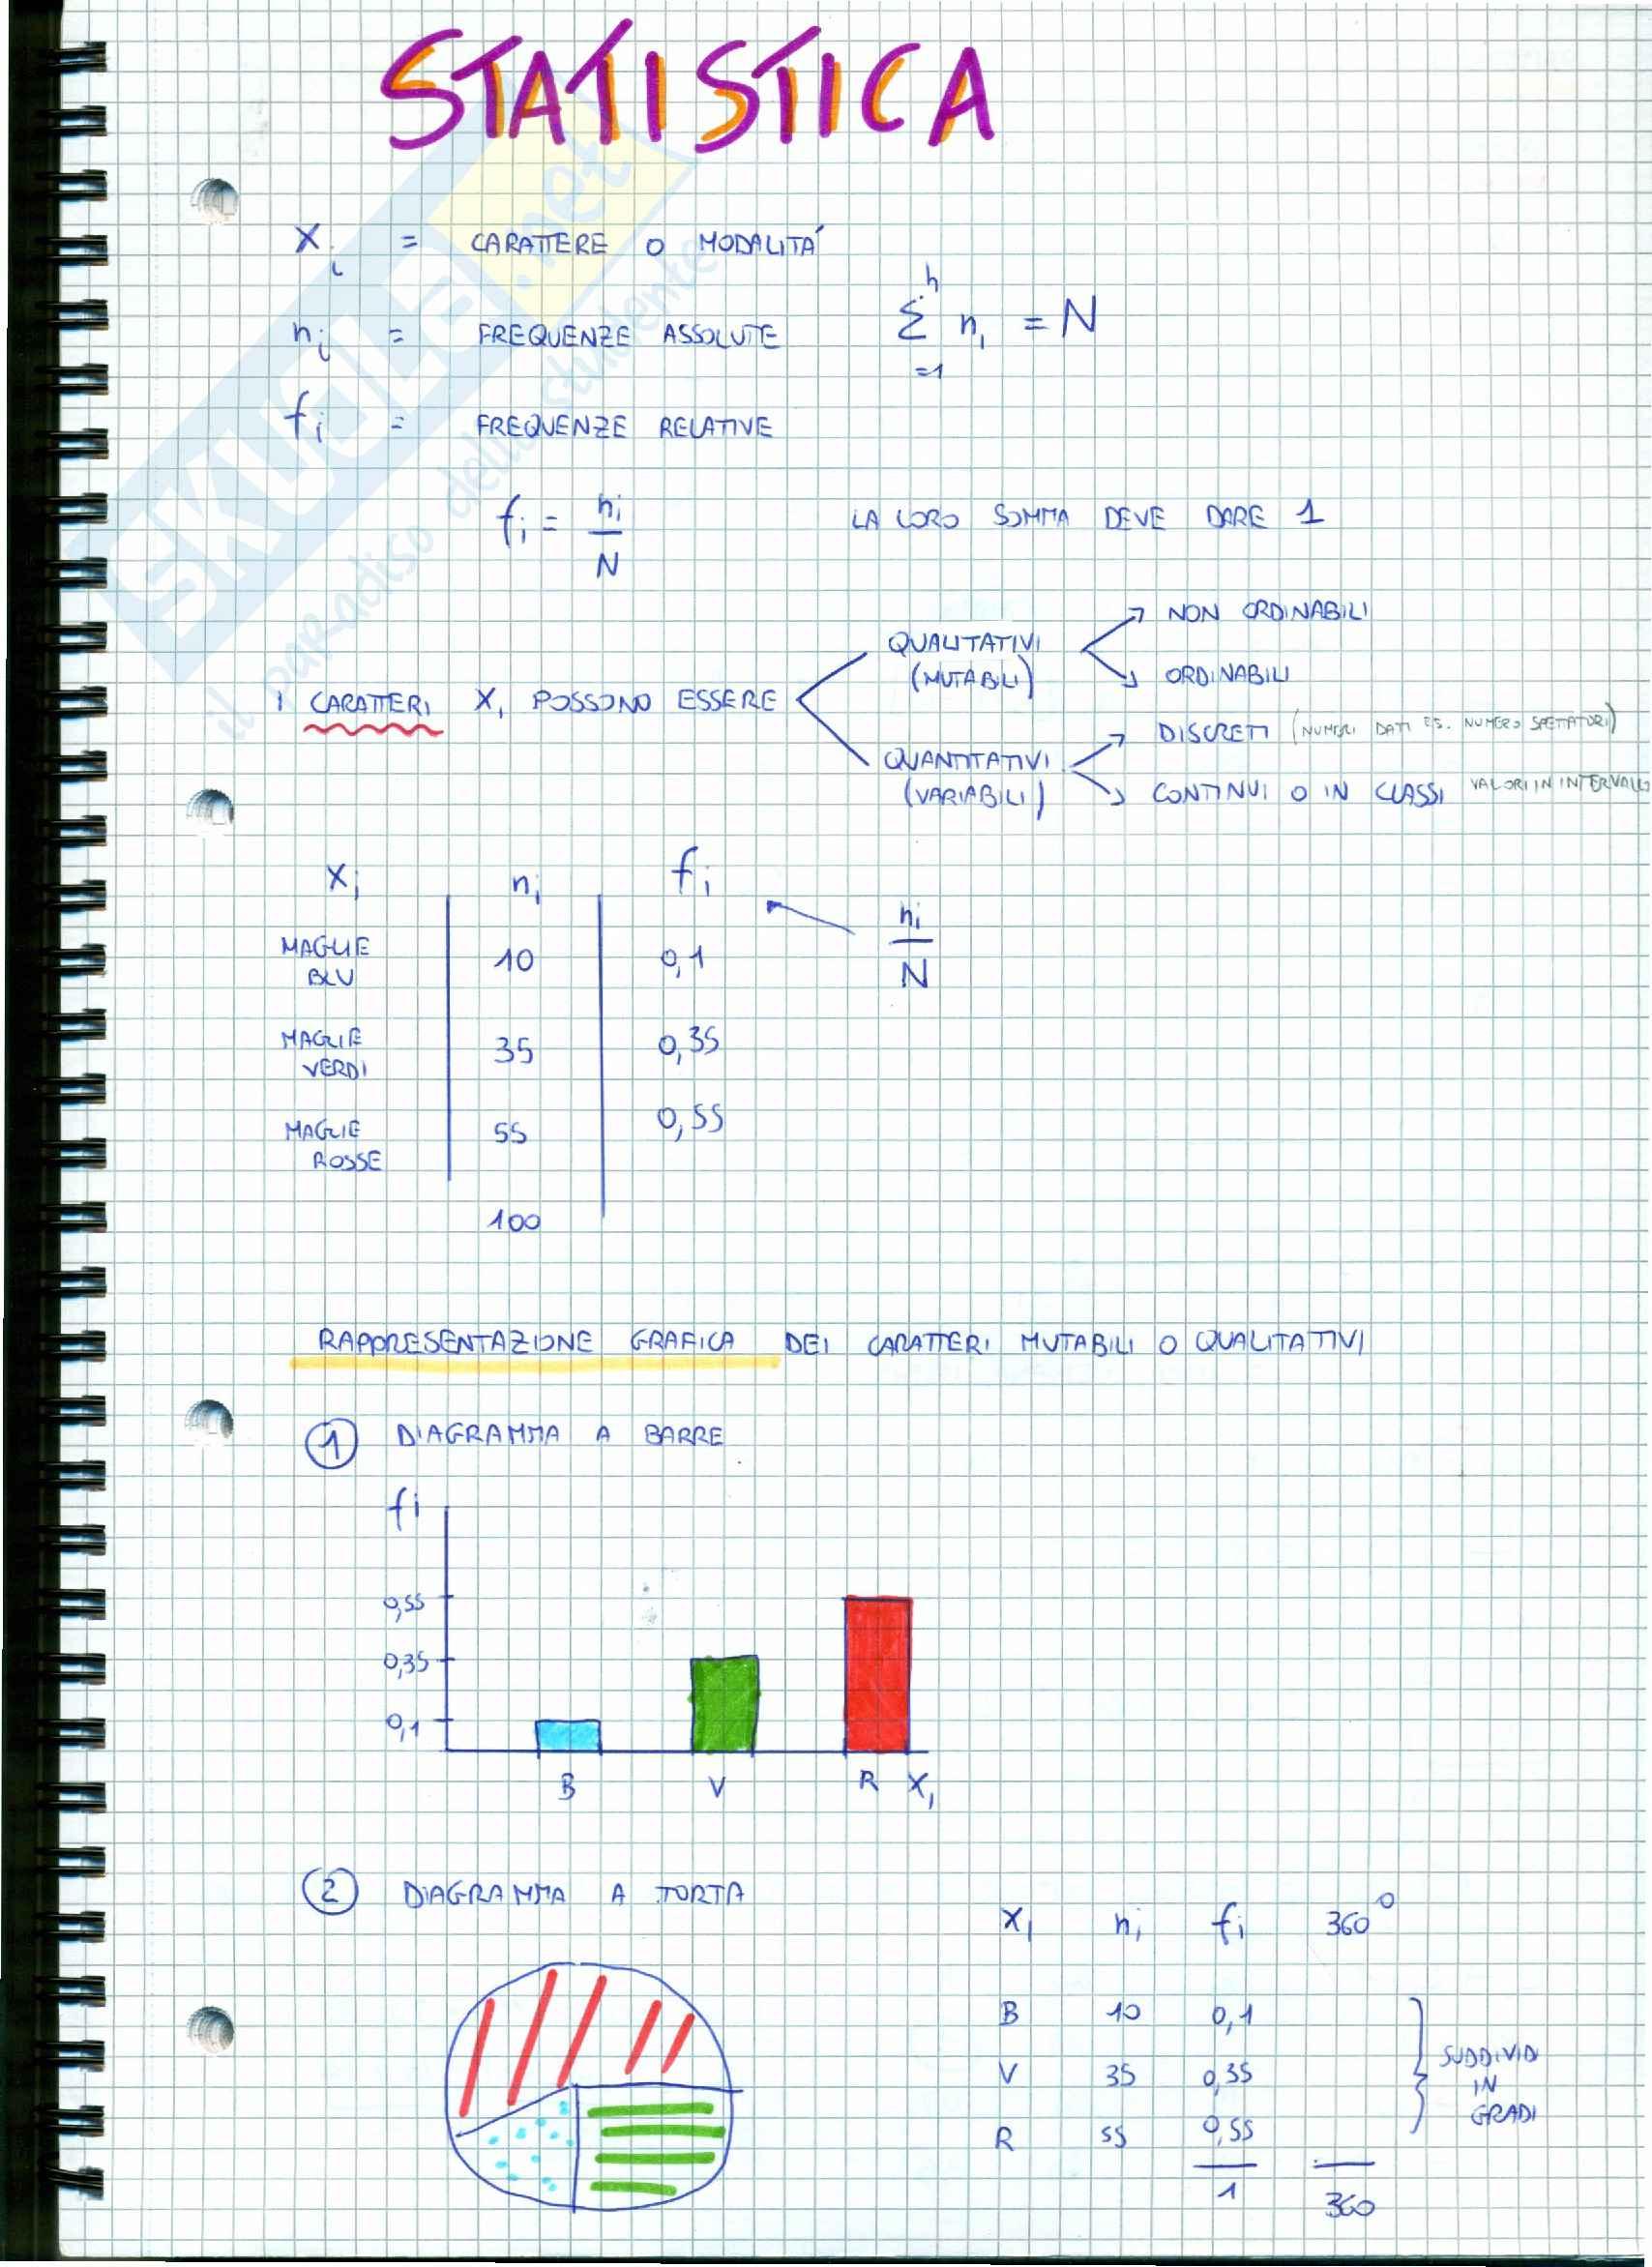 Matematica e statistica per l'economia - Appunti